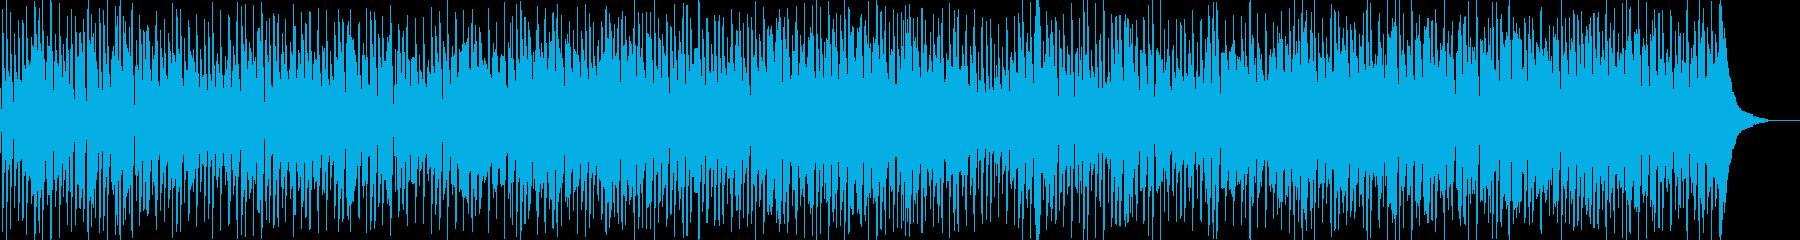 洒落た夜が似合うファンクの再生済みの波形